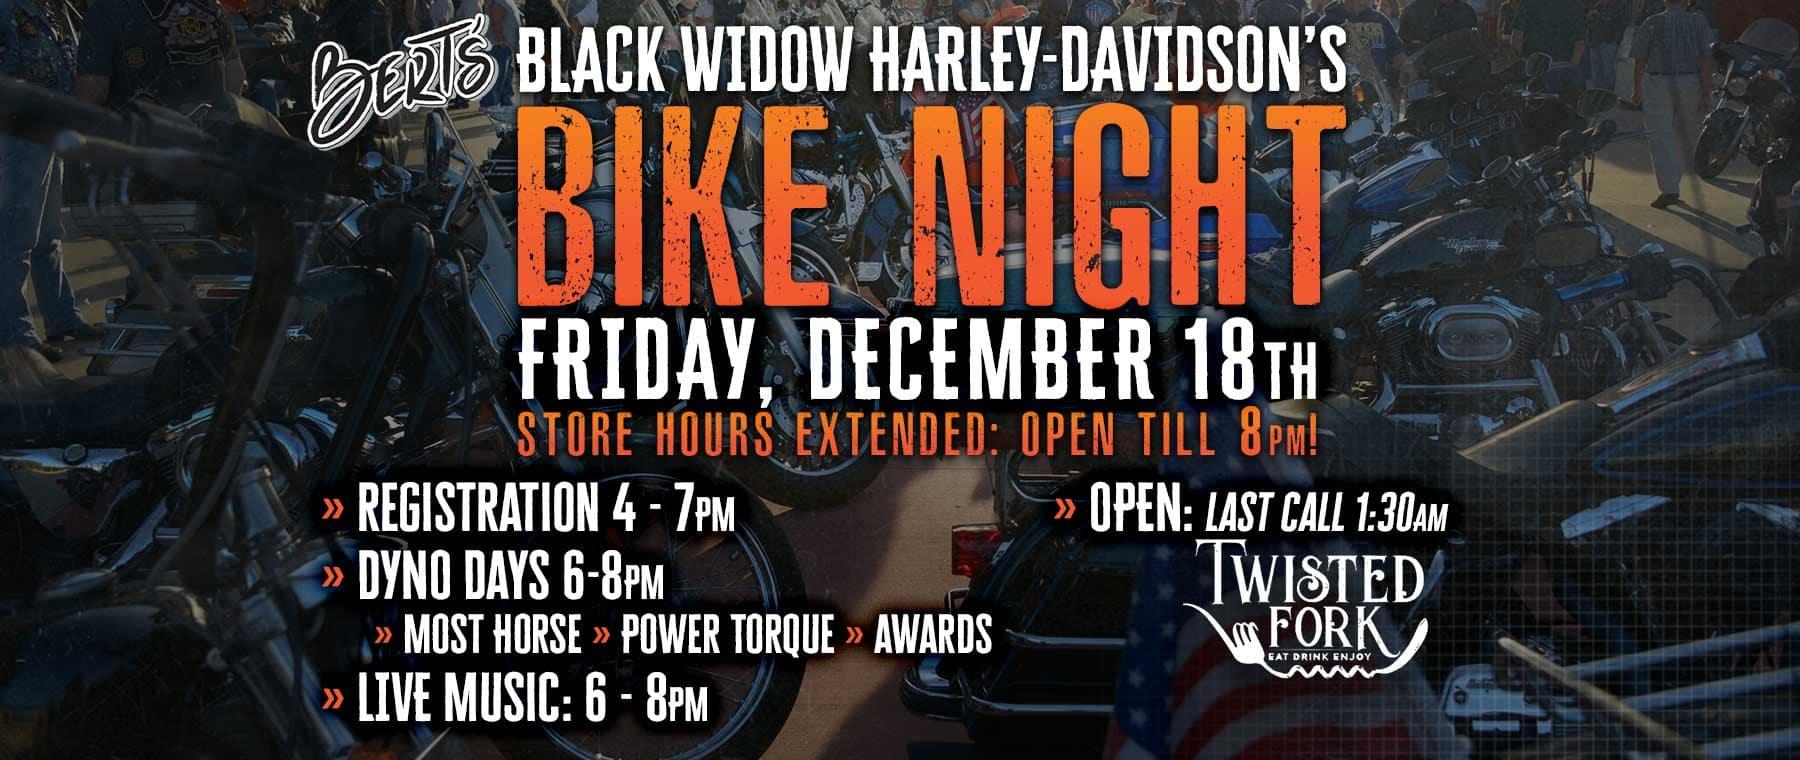 BERTS-HD_111820_Dec-BikeNight-web